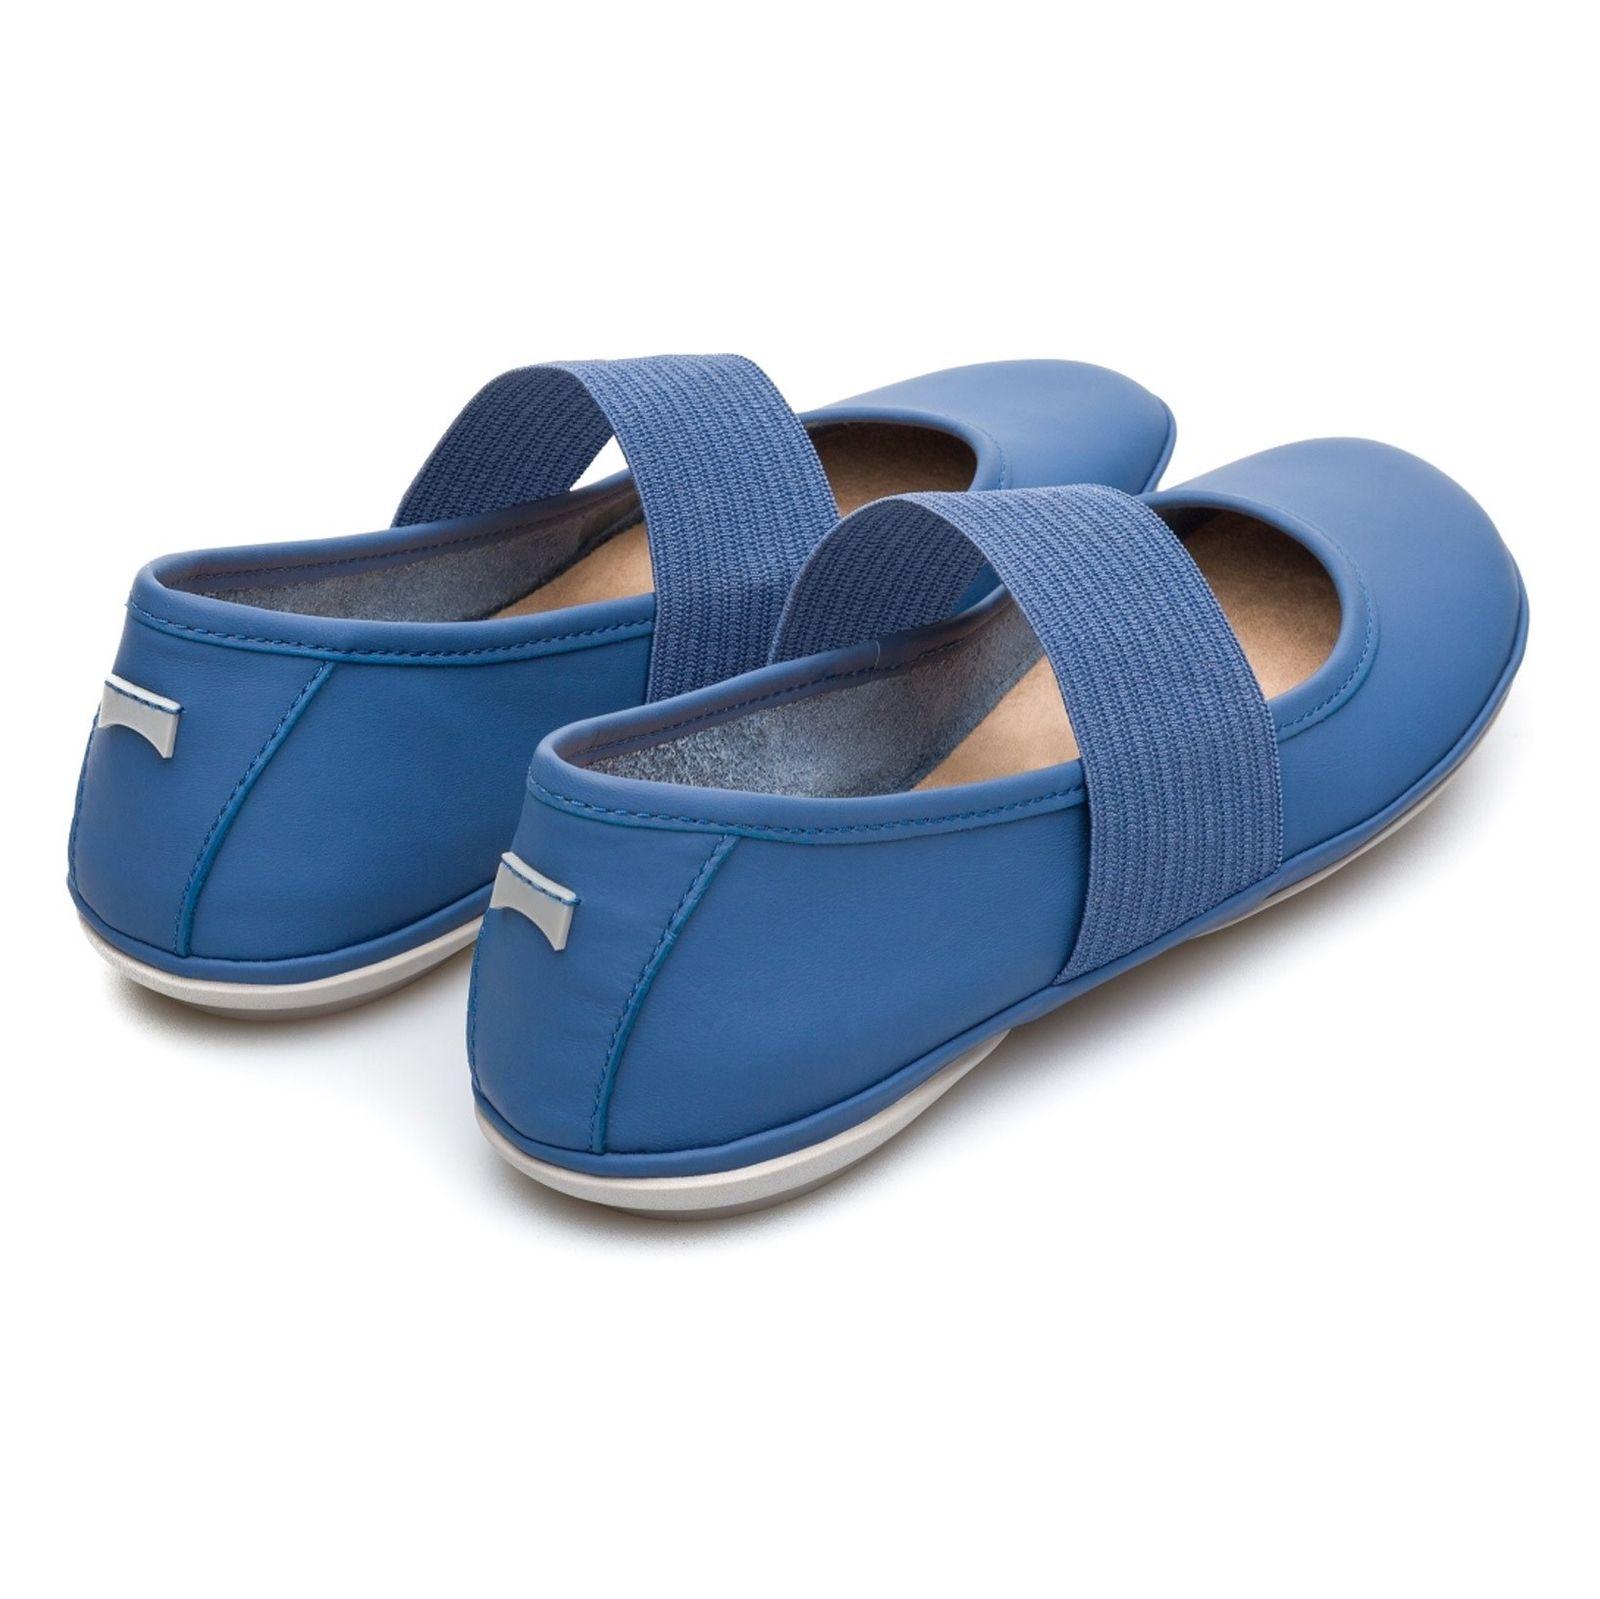 کفش تخت چرم زنانه - کمپر - آبي - 5